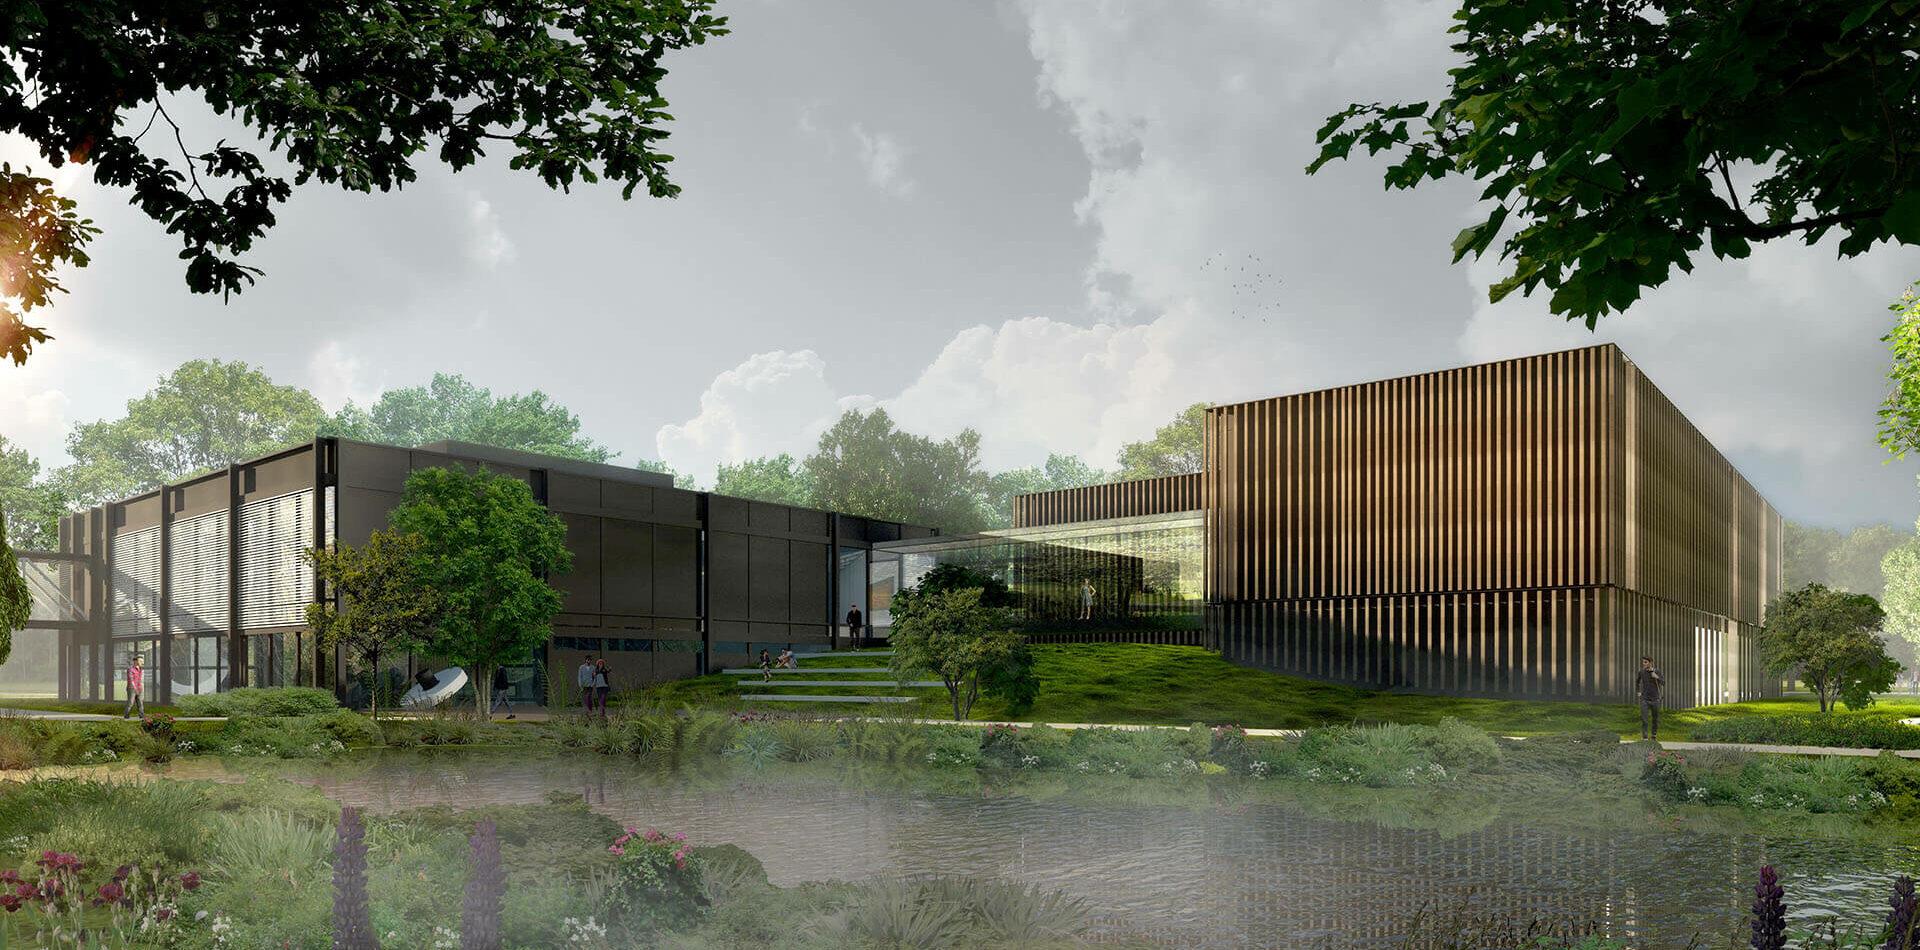 Museum Quadrat Bottrop Bestand und Neubau Museumserweiterung Aussenperspektive Landschaft